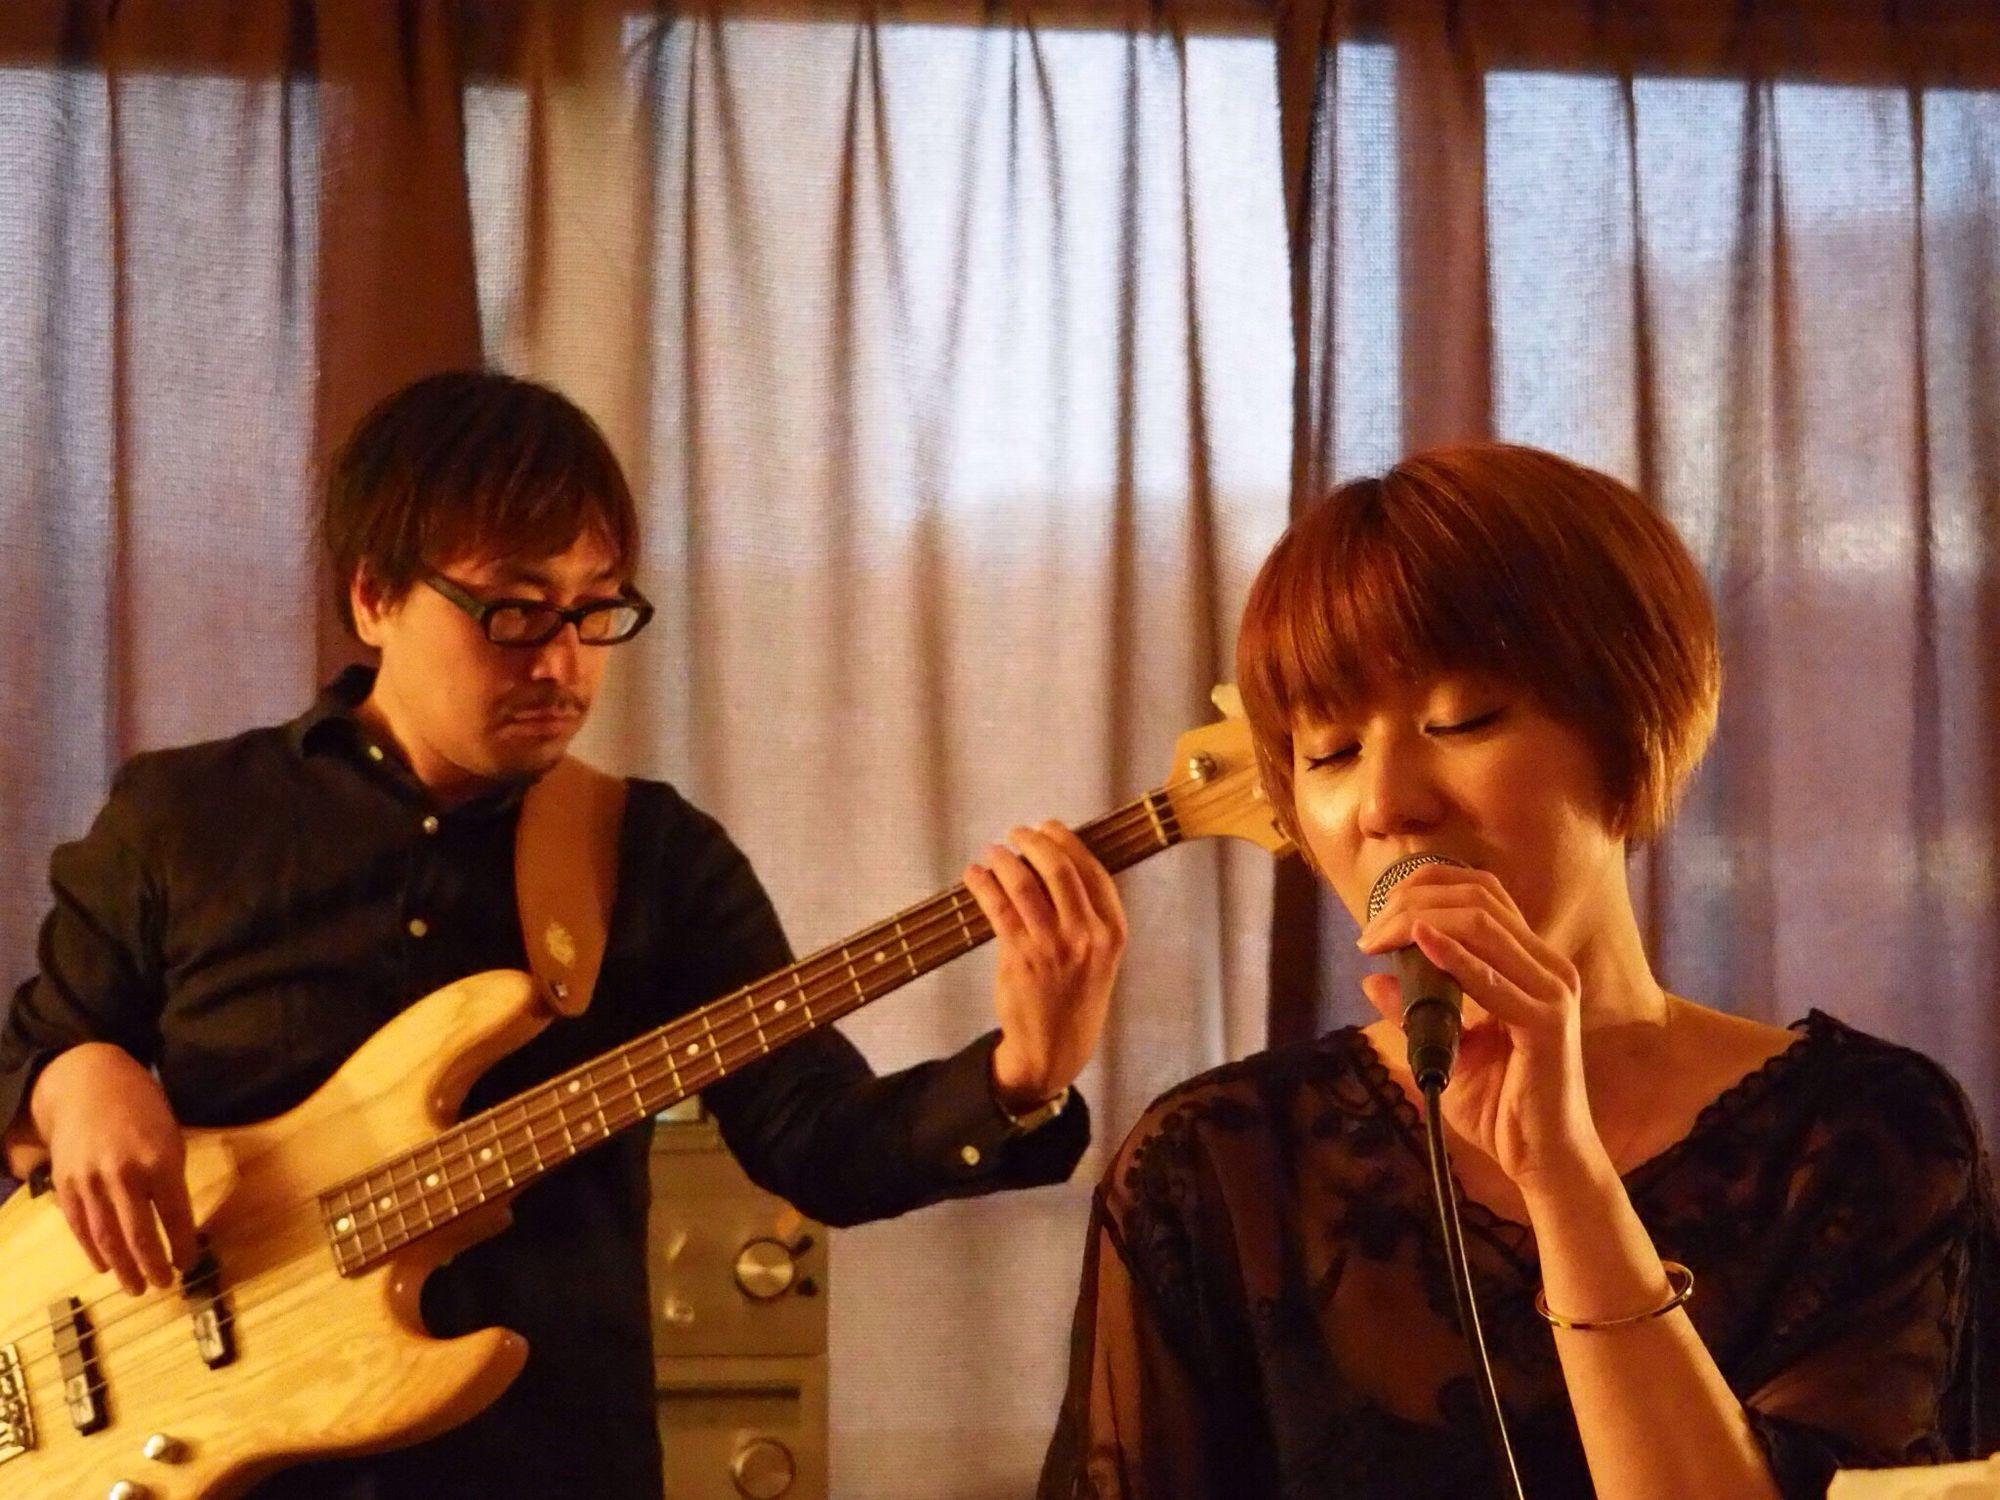 Kobe Japan Theaterjazzy Music Jazz Singer  Singing Natsuki Morikawa Beauty Favorite Singers Healing Yuji Hamasaki Bass Olympus PEN-F 神戸 日本 音楽 森川七月 歌手 美人 最高の時間 女神 癒し 浜崎祐吏